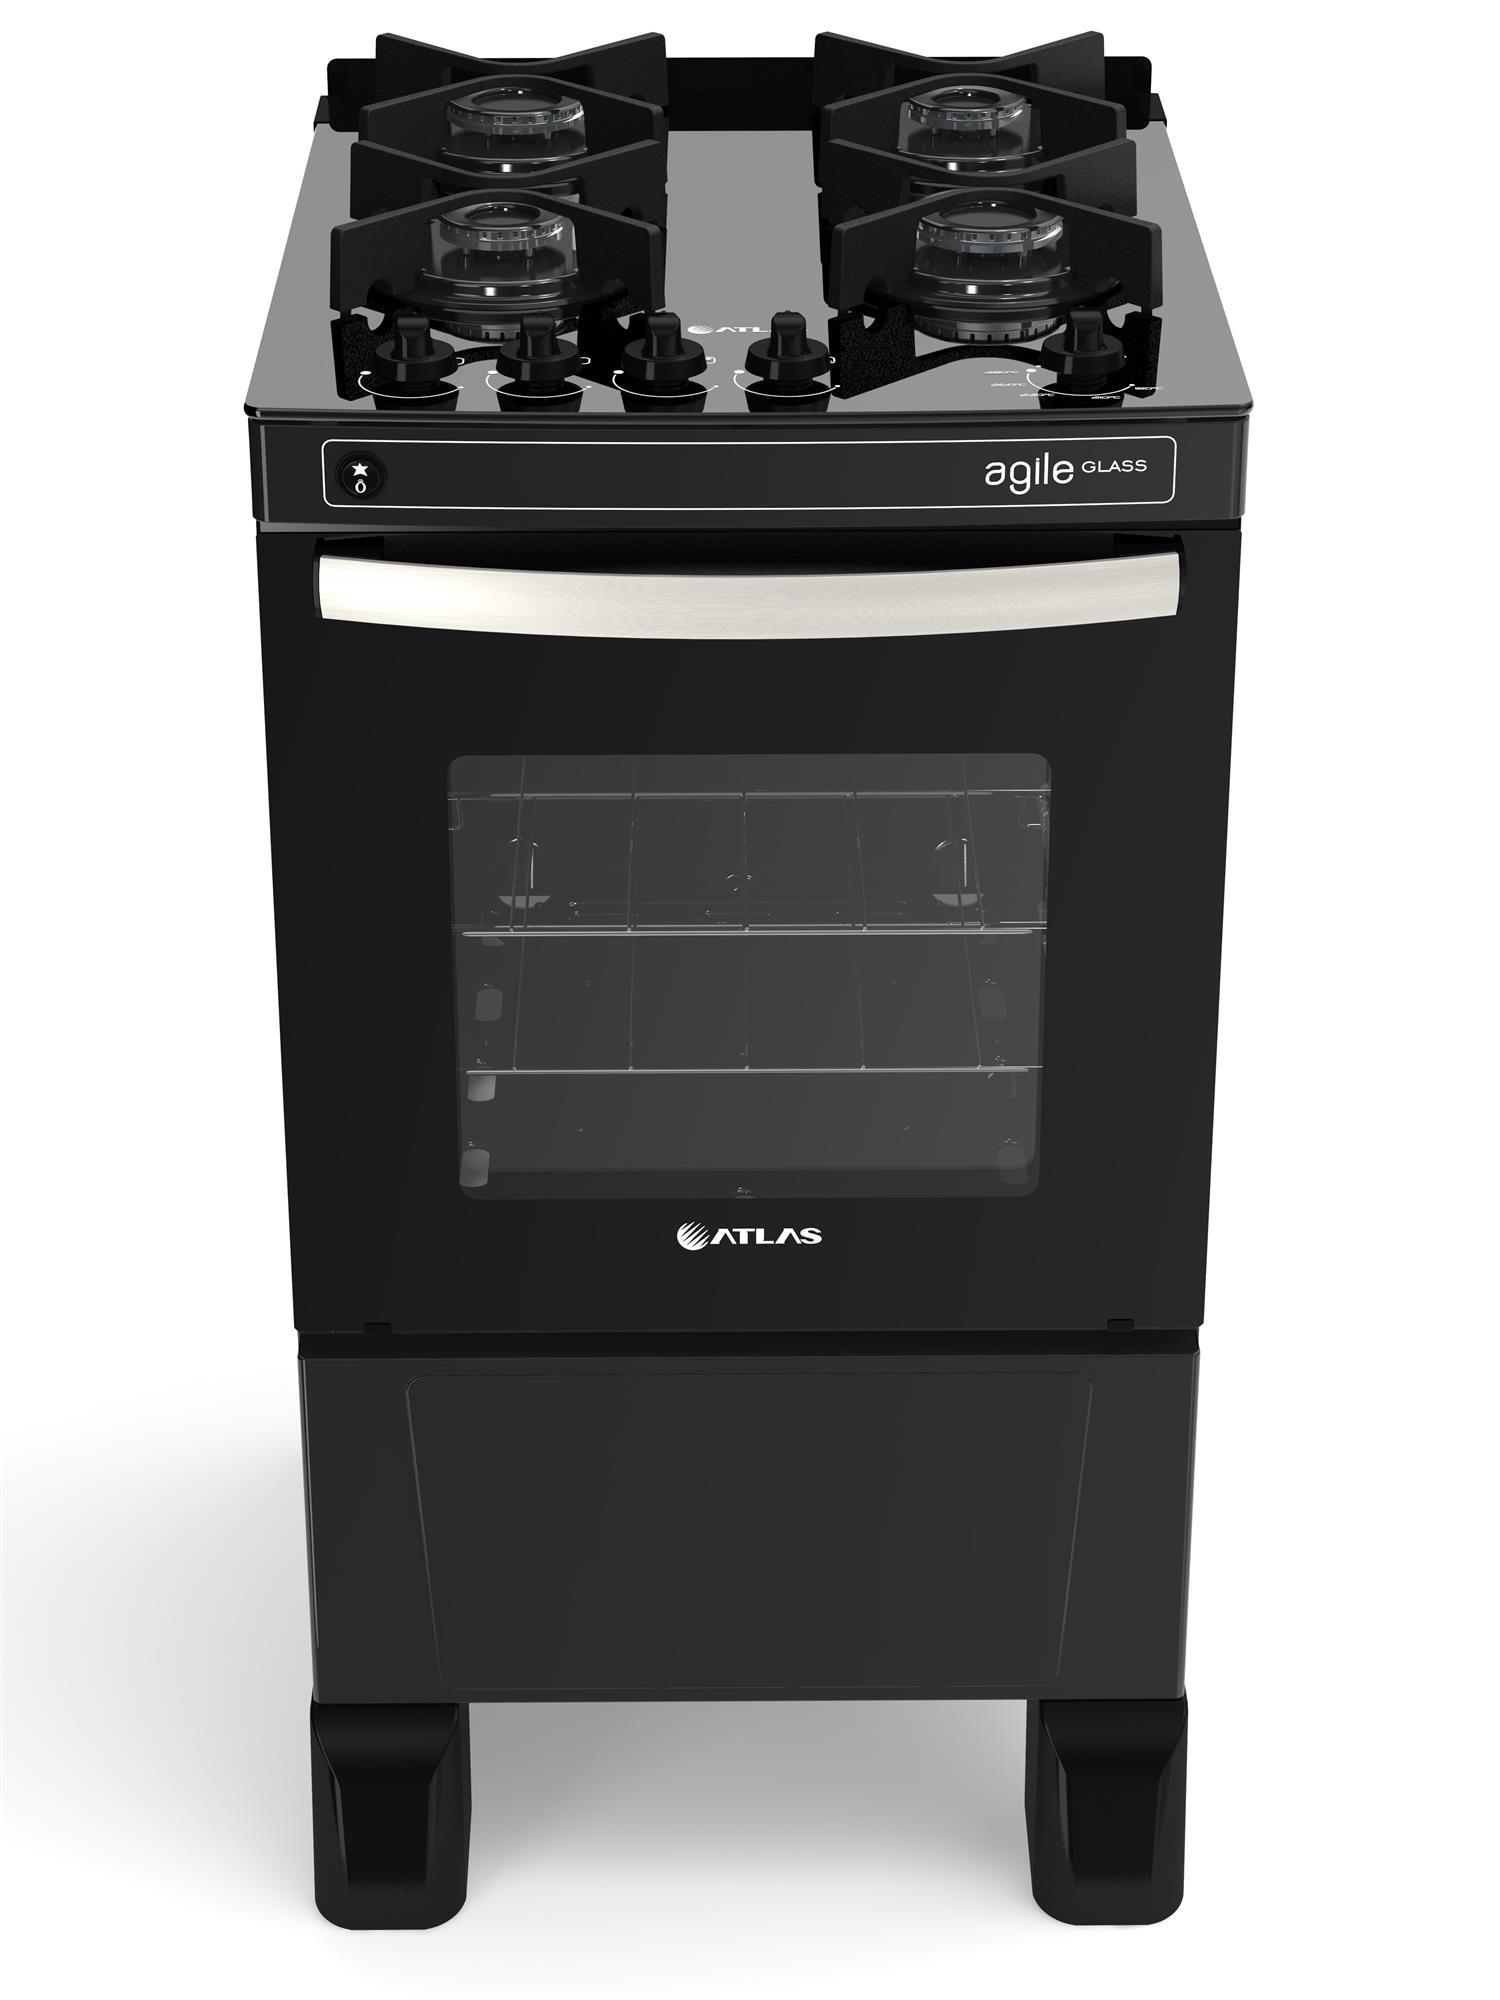 Medidas de Fogão Atlas Agile Glass preto 4 Queimadores